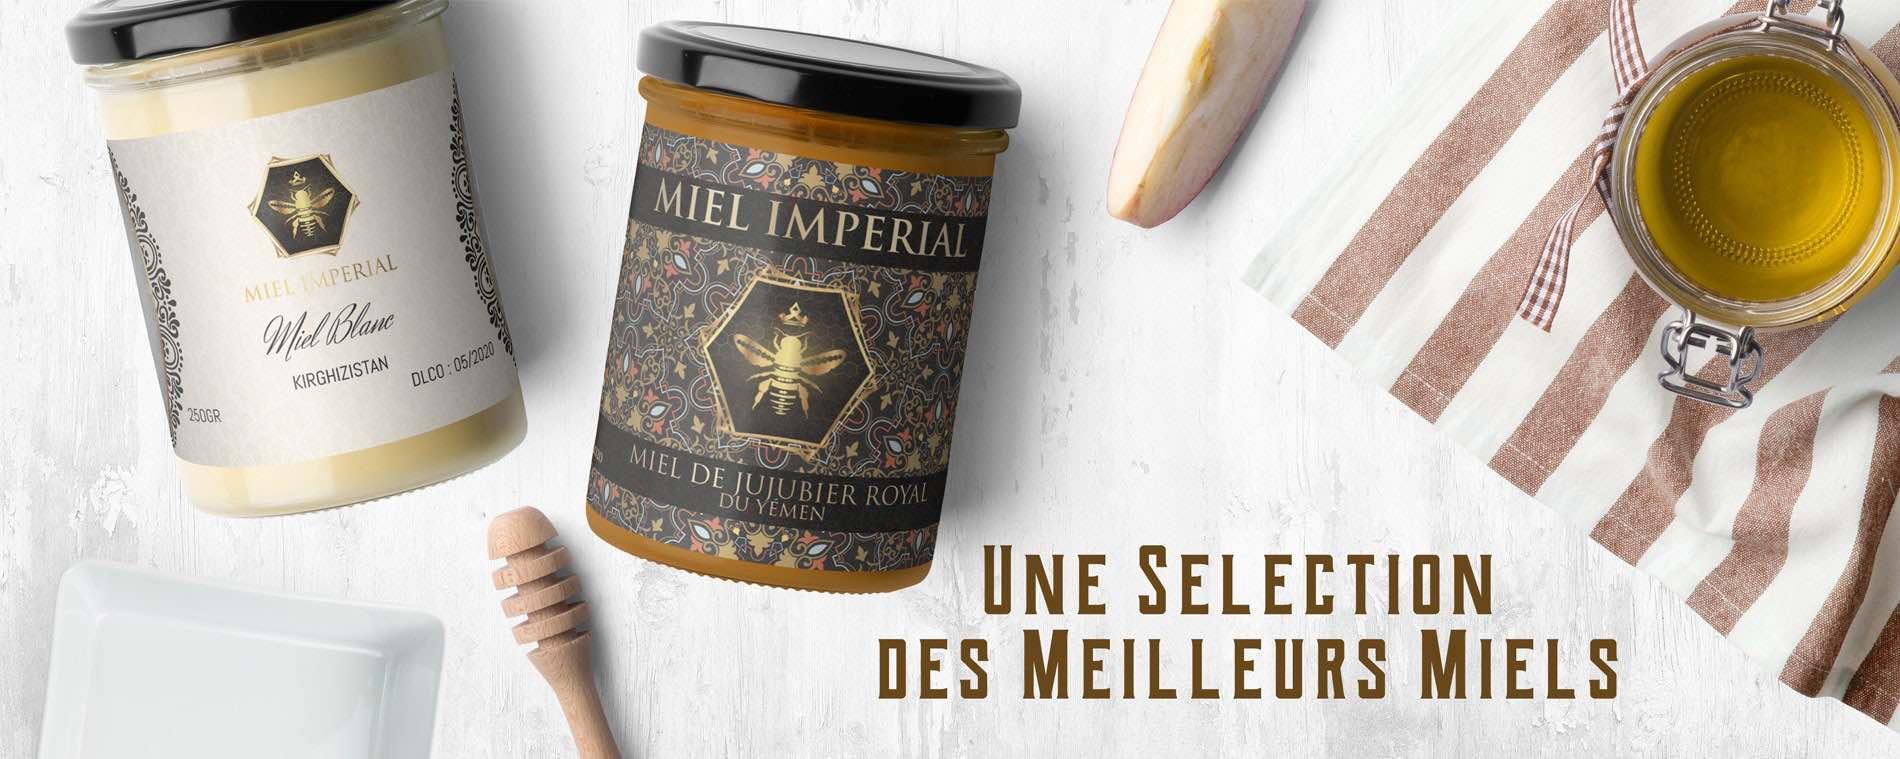 Miel Impérial, la boutique naturel de référence !